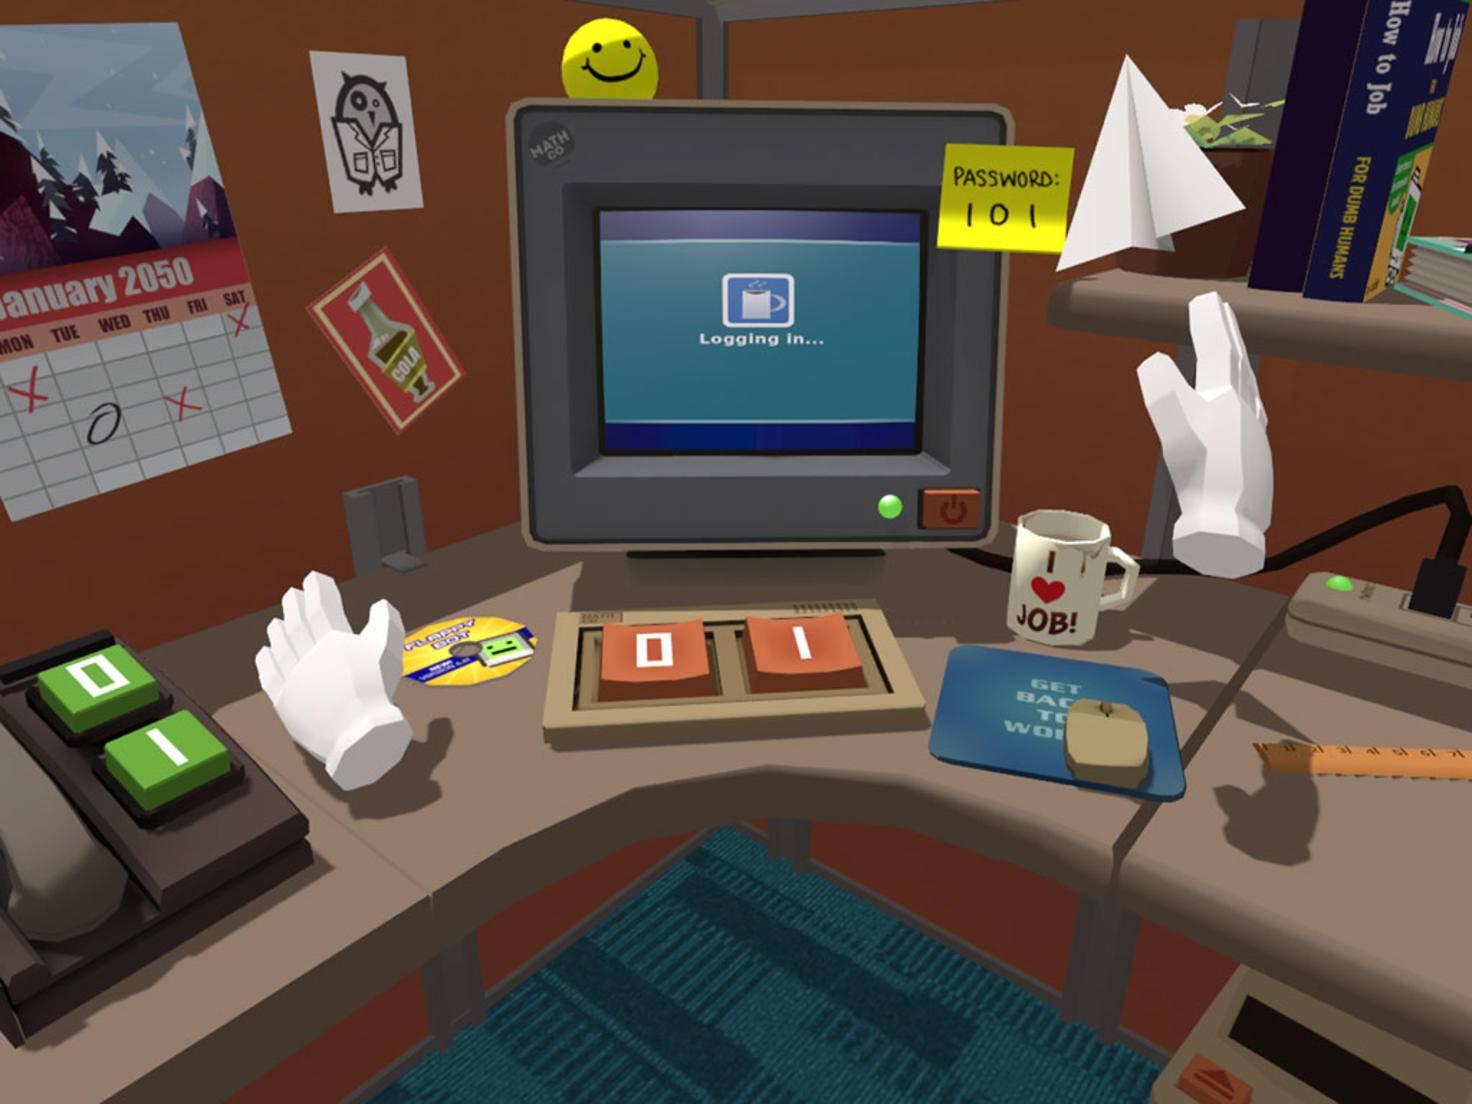 ... und in einer Bürosimulation zeigt das Gerät seine Fähigkeiten ebenso wie ...